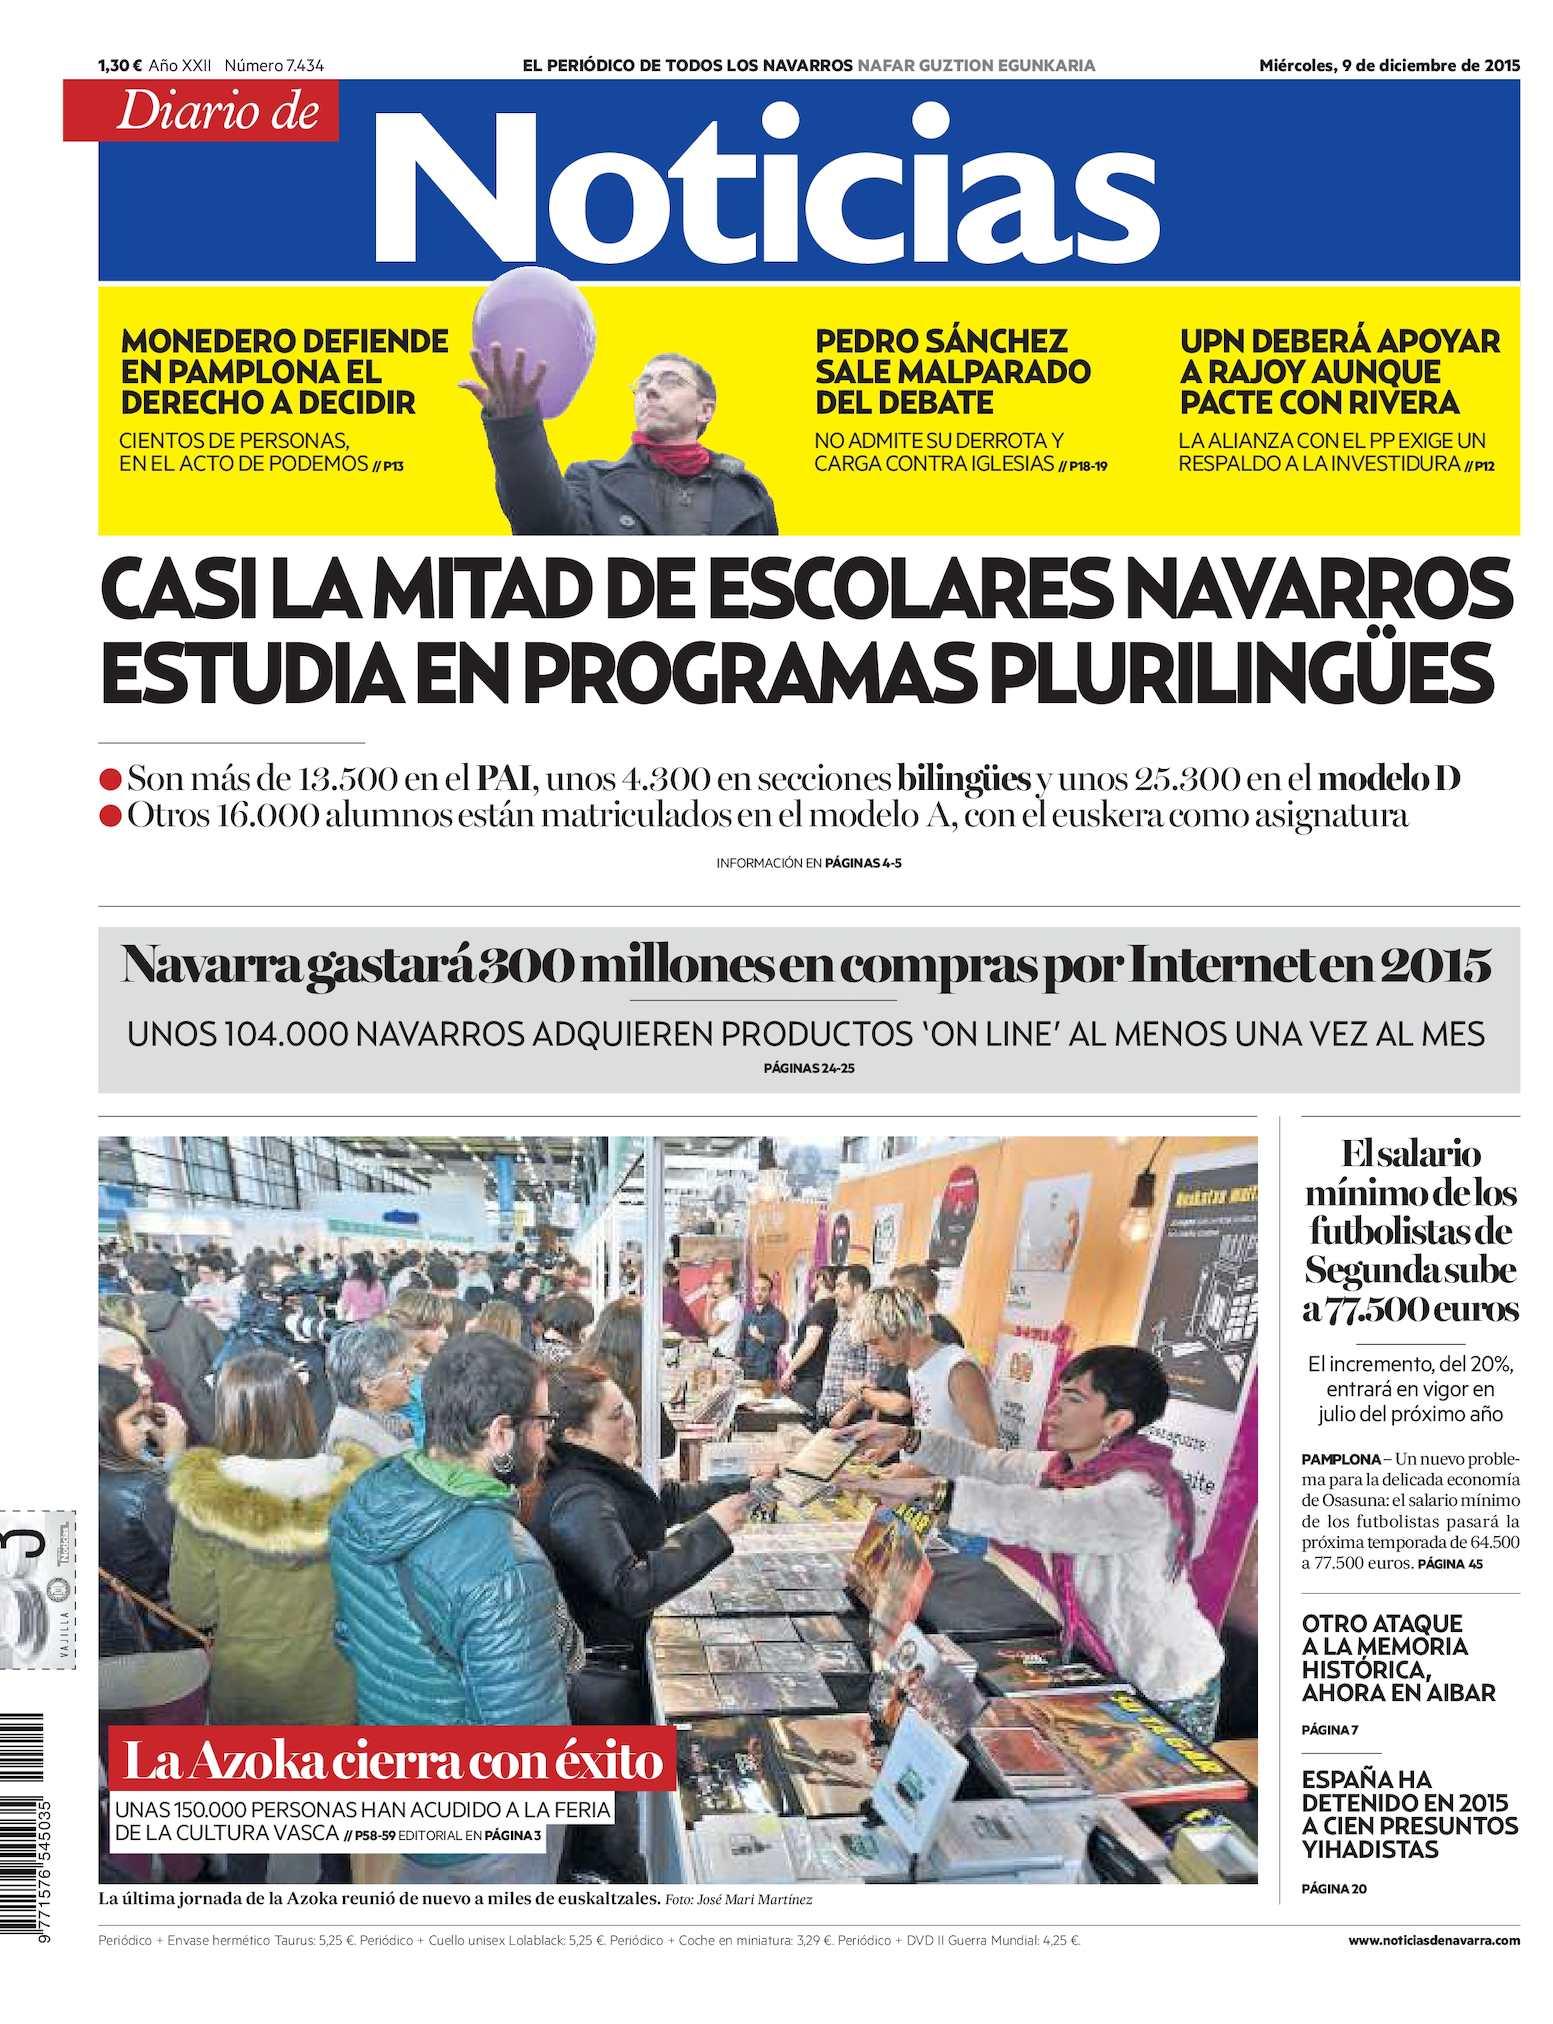 Calaméo - Diario de Noticias 20151209